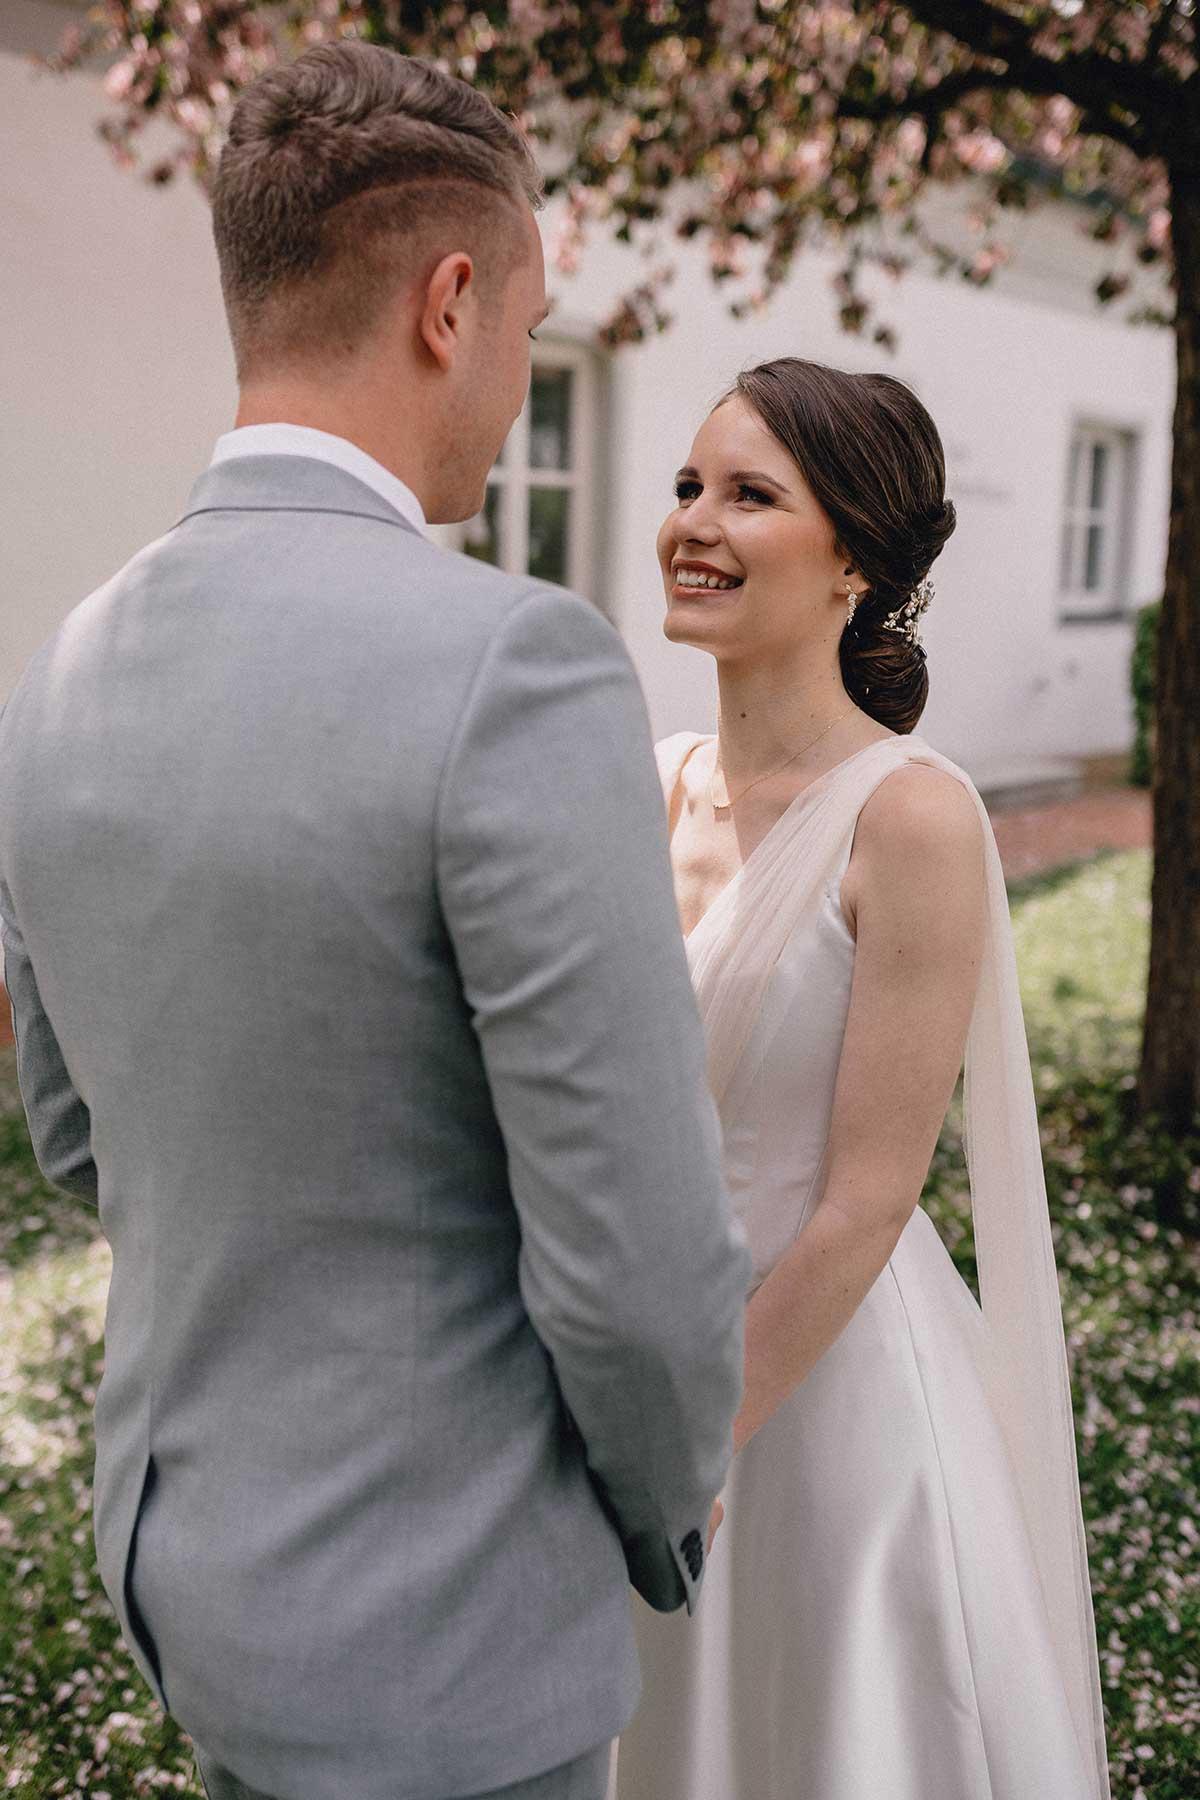 First Look Moment zwischen Bräutigam und Braut auf Villa Hof Langenborn